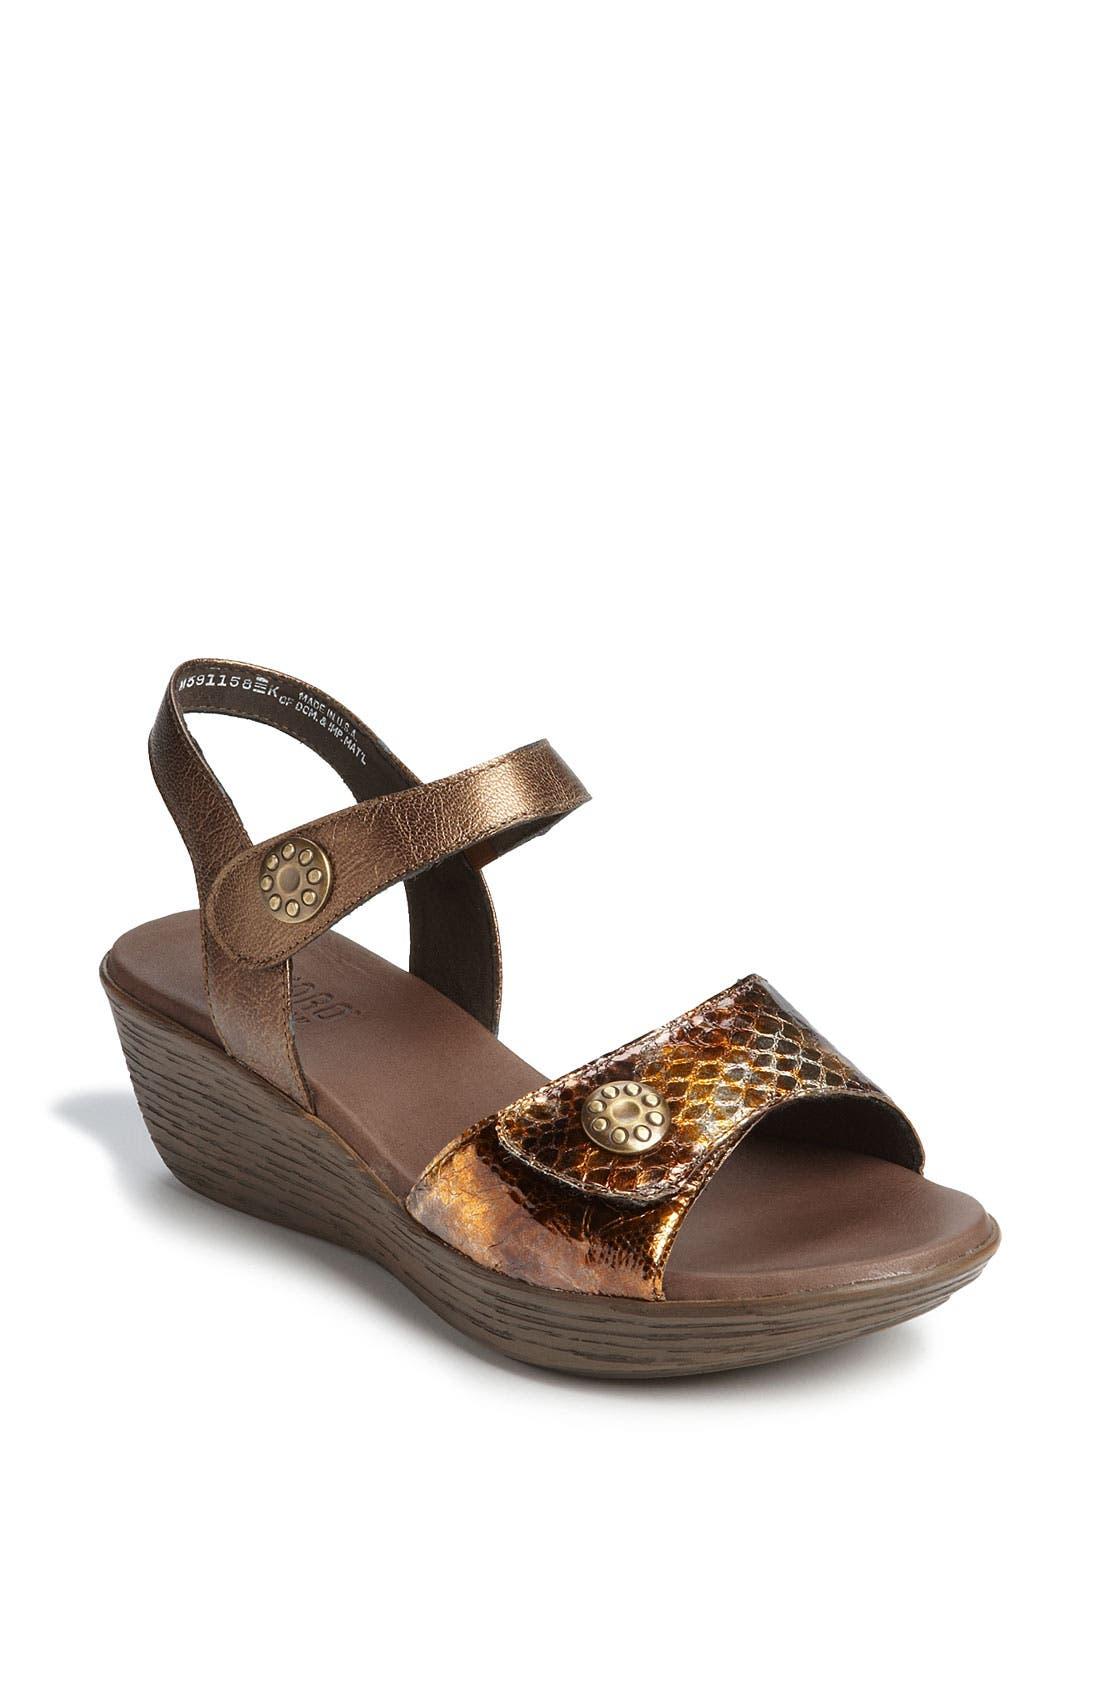 Main Image - Munro 'Tyra' Sandal